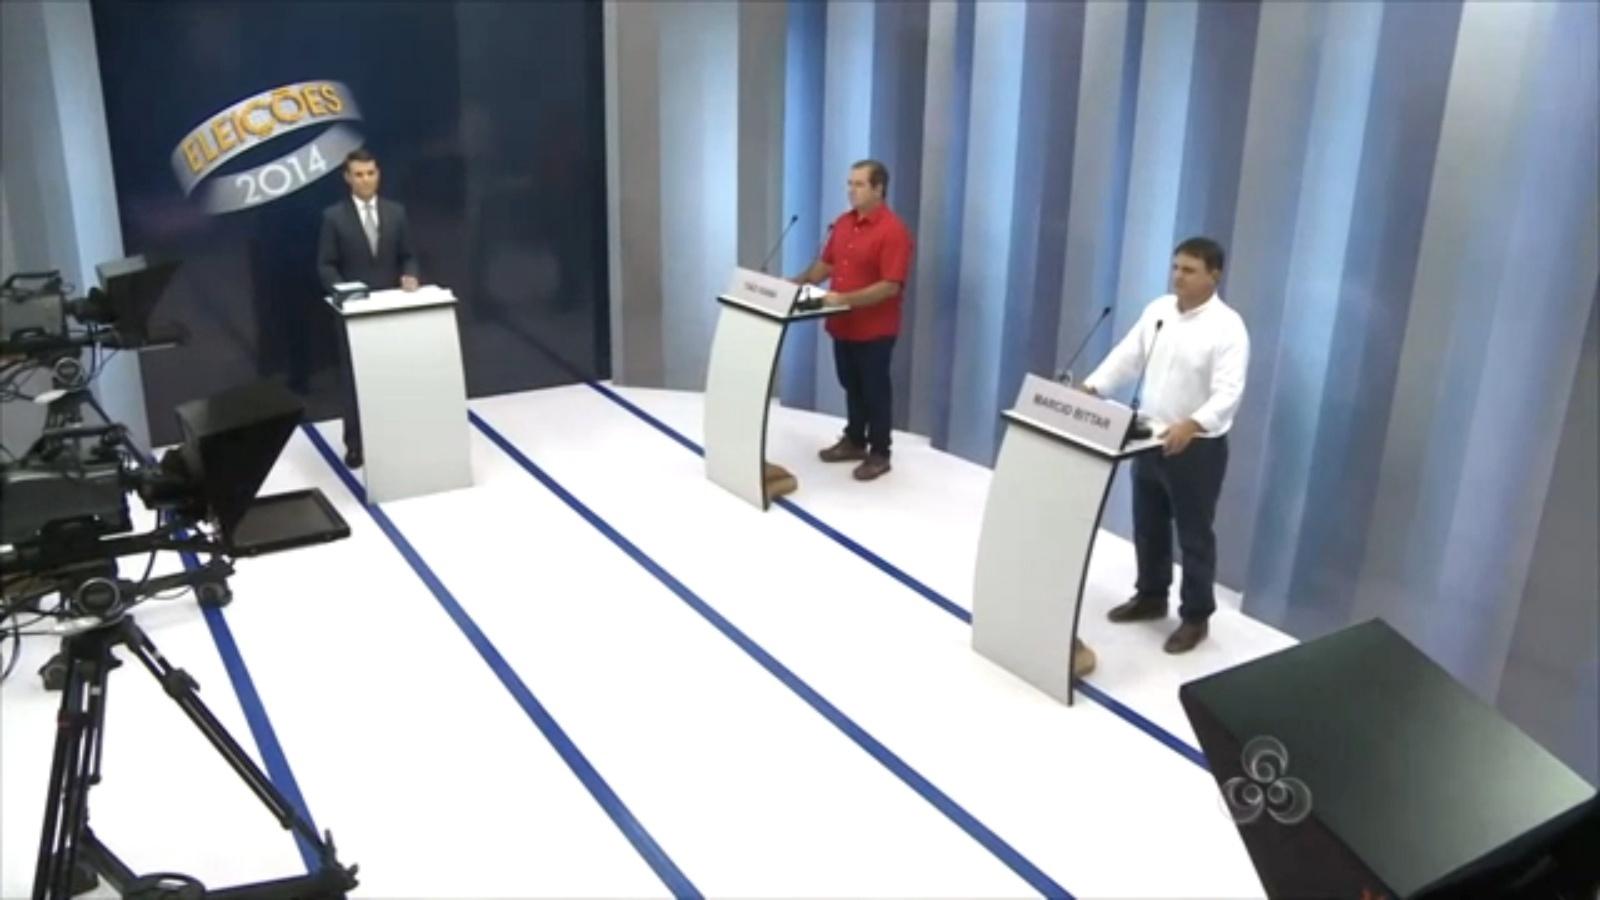 24.out.2014 - Os candidatos ao governo do Acre, Marcio Bittar (PSDB) e Tião Viana (PT), participam do último debate antes do segundo turno das eleições deste ano, realizado pela TV Acre -afiliada da Rede Globo- na noite de quinta-feira (23)